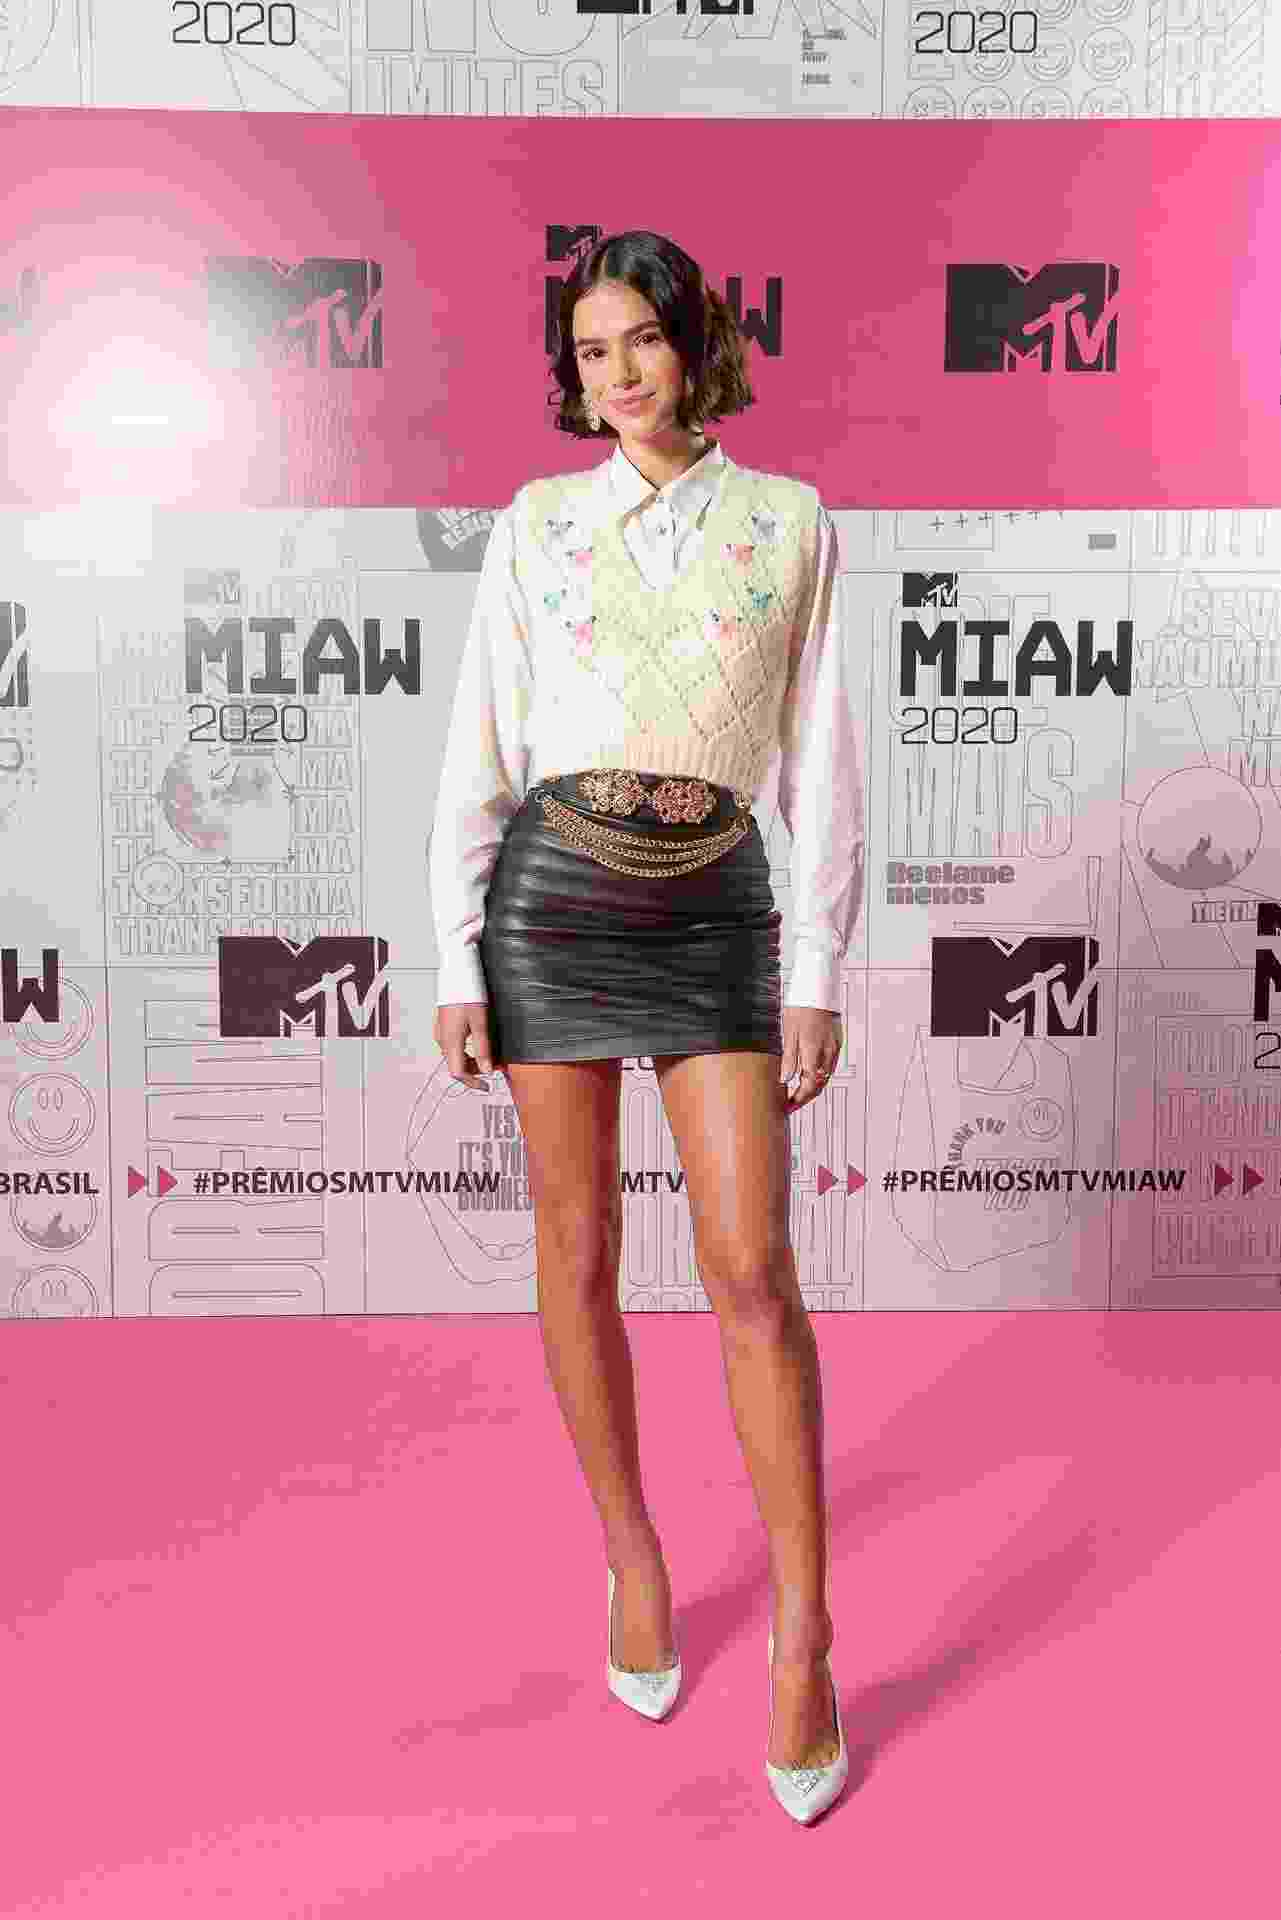 Luz na passarela! Com vocês a apresentadora do MTV Miaw 2020: Bruna Marquezine! - Cleiby Trevisan/Divulgação